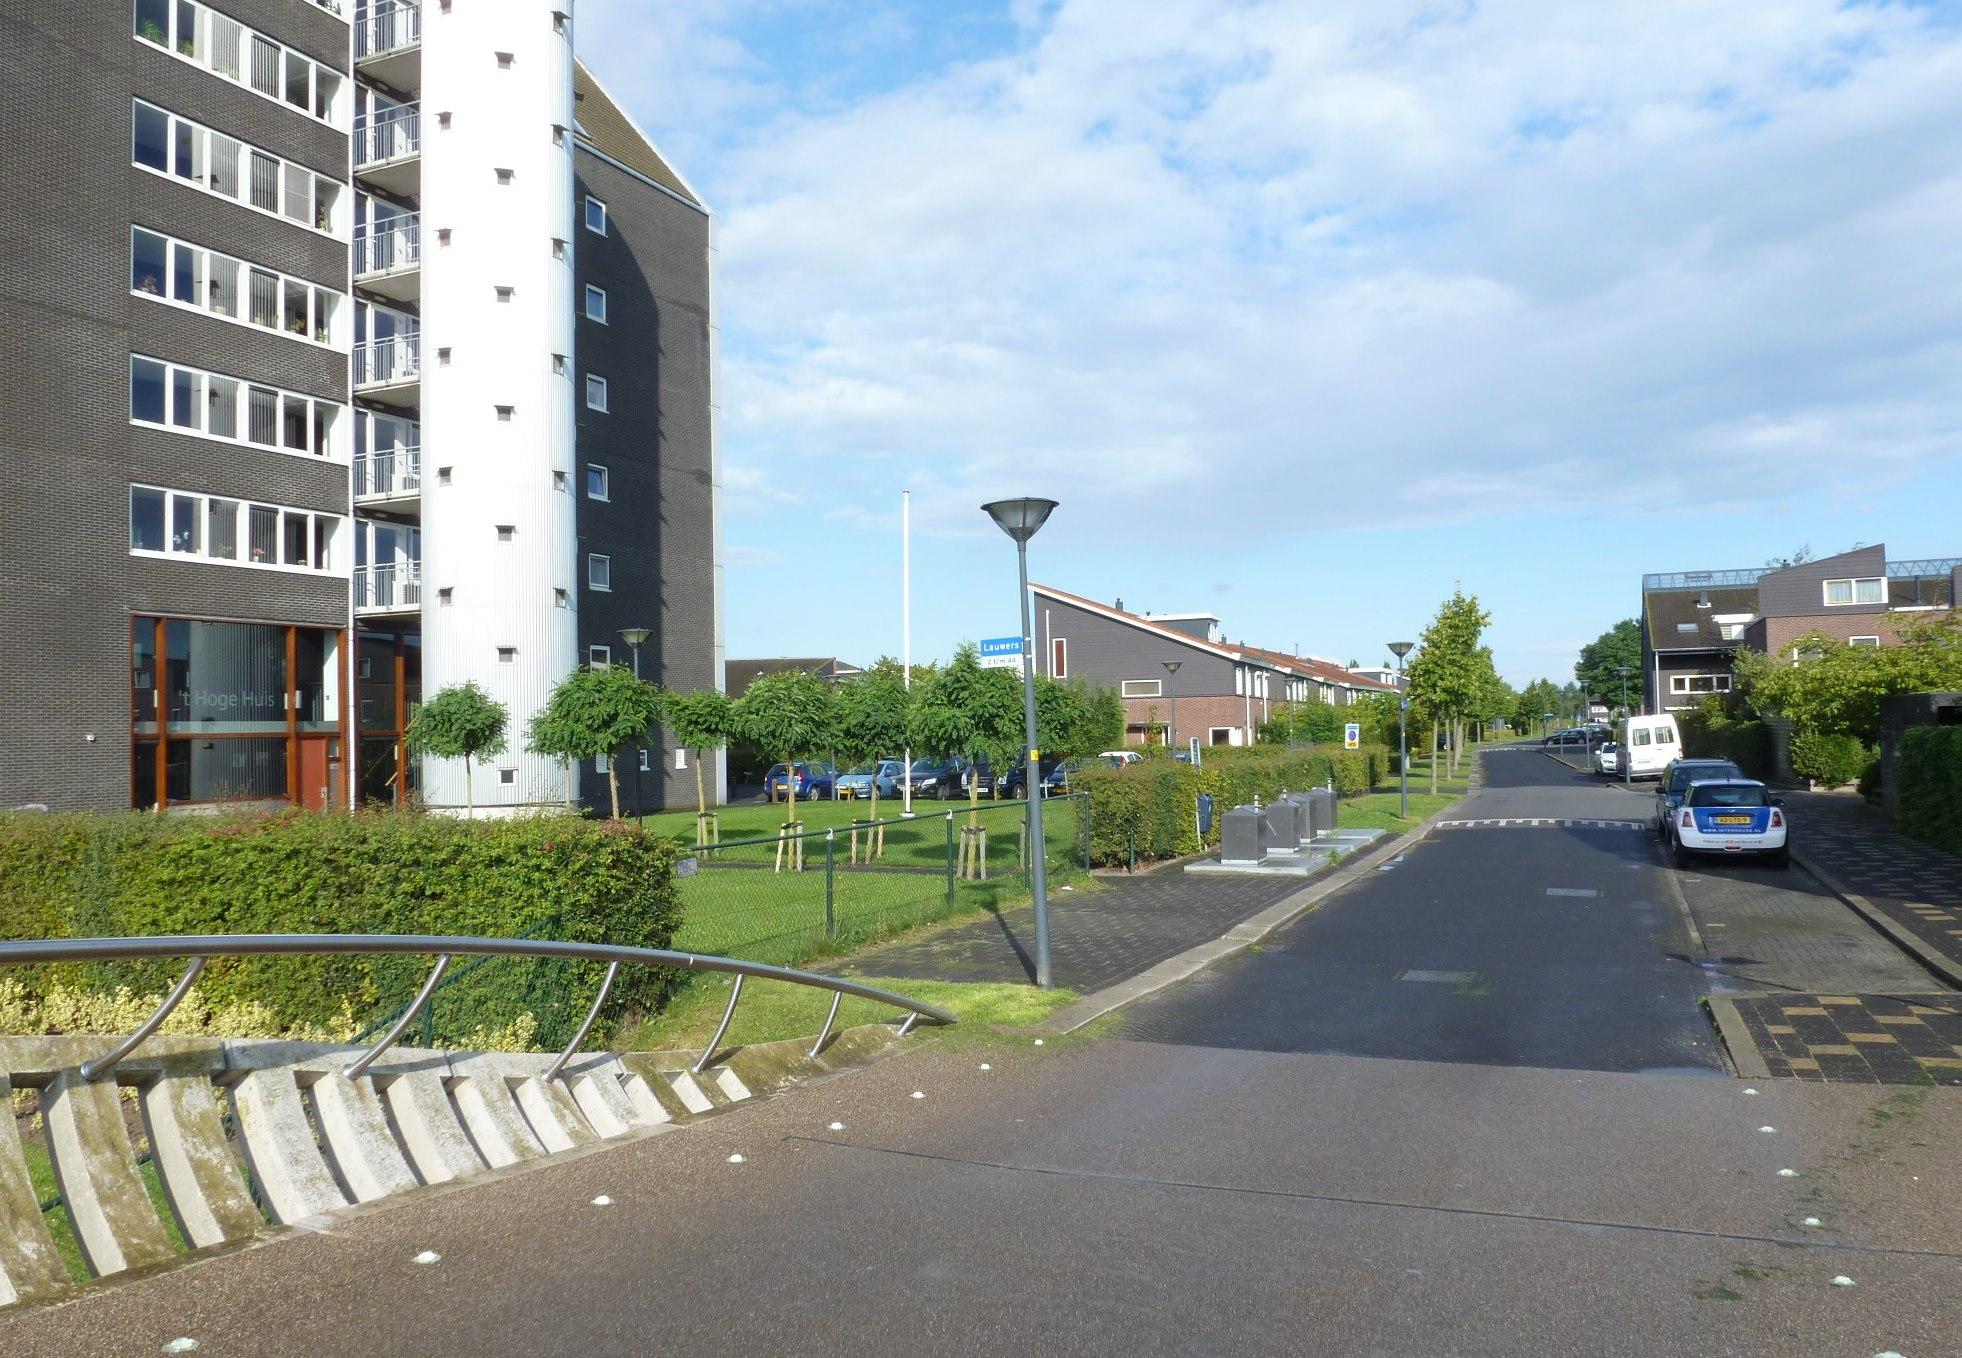 Lauwers, Hoofddorp